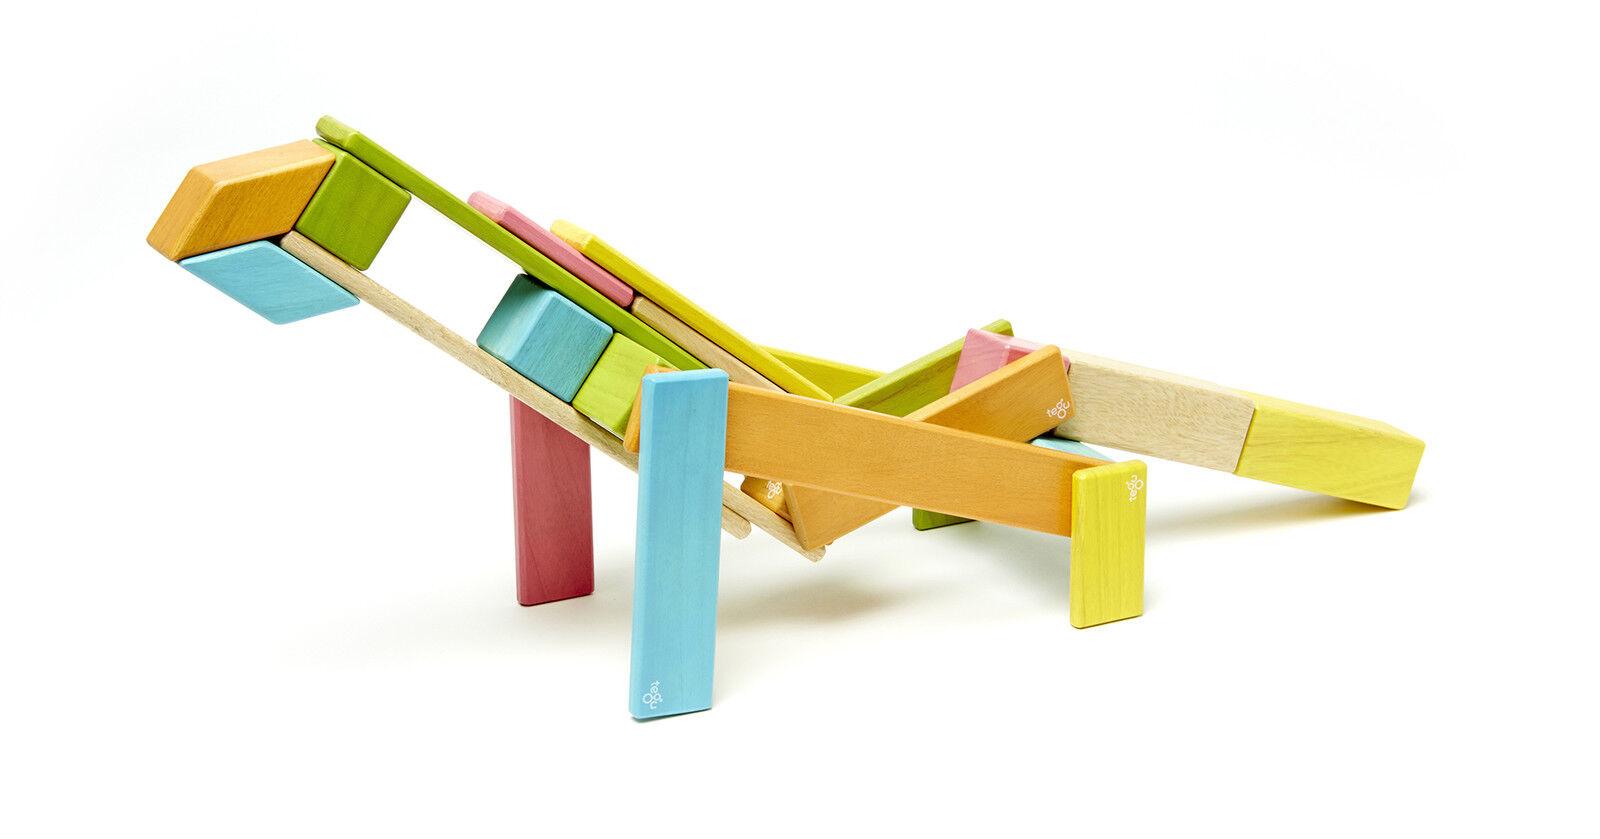 Magnetisches Holzset farbig 24-teilig Bauklötze TEGU Magnetbausteine Set